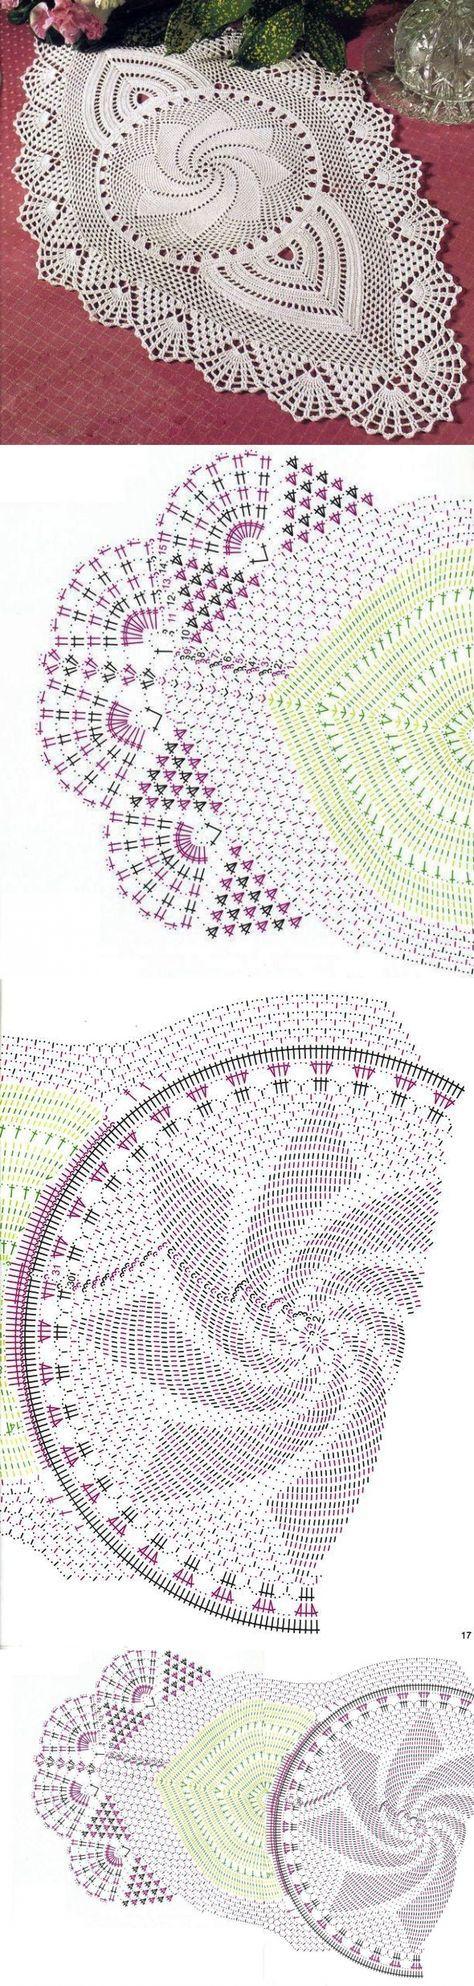 788 best PATRONES WAYUU DE CROCHET images on Pinterest   Tapestry ...